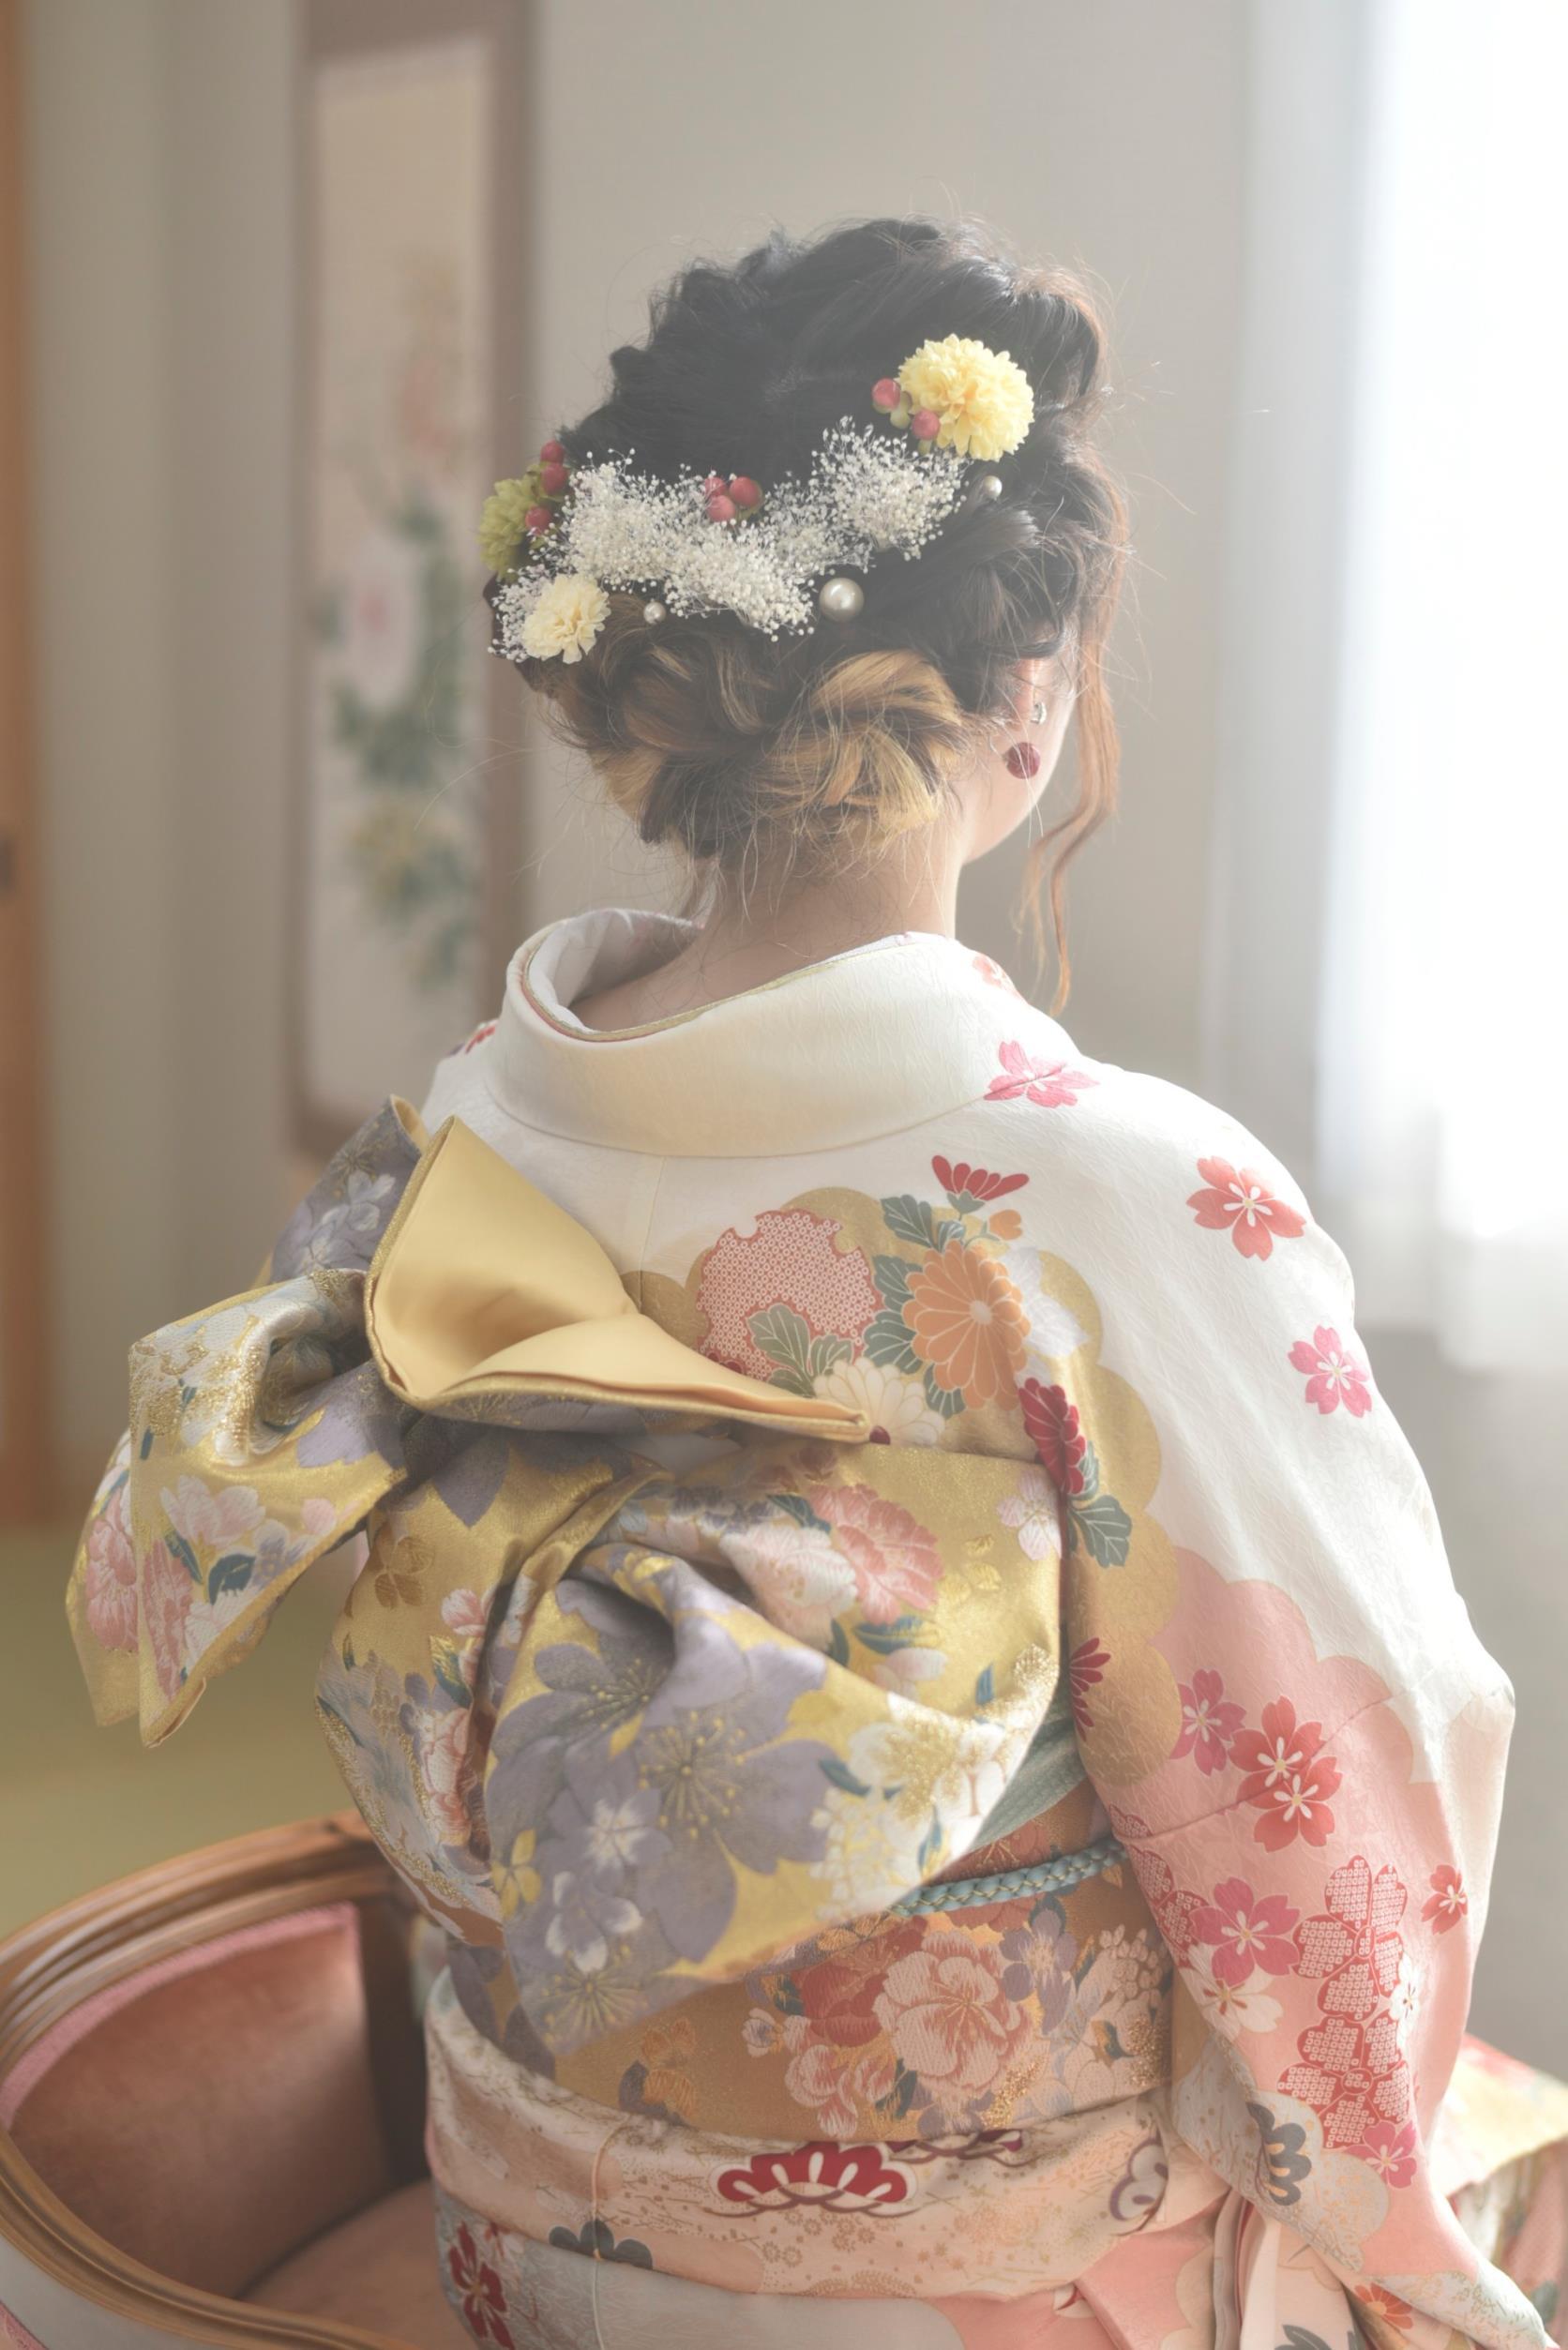 白い振袖女性のヘアスタイル帯結び